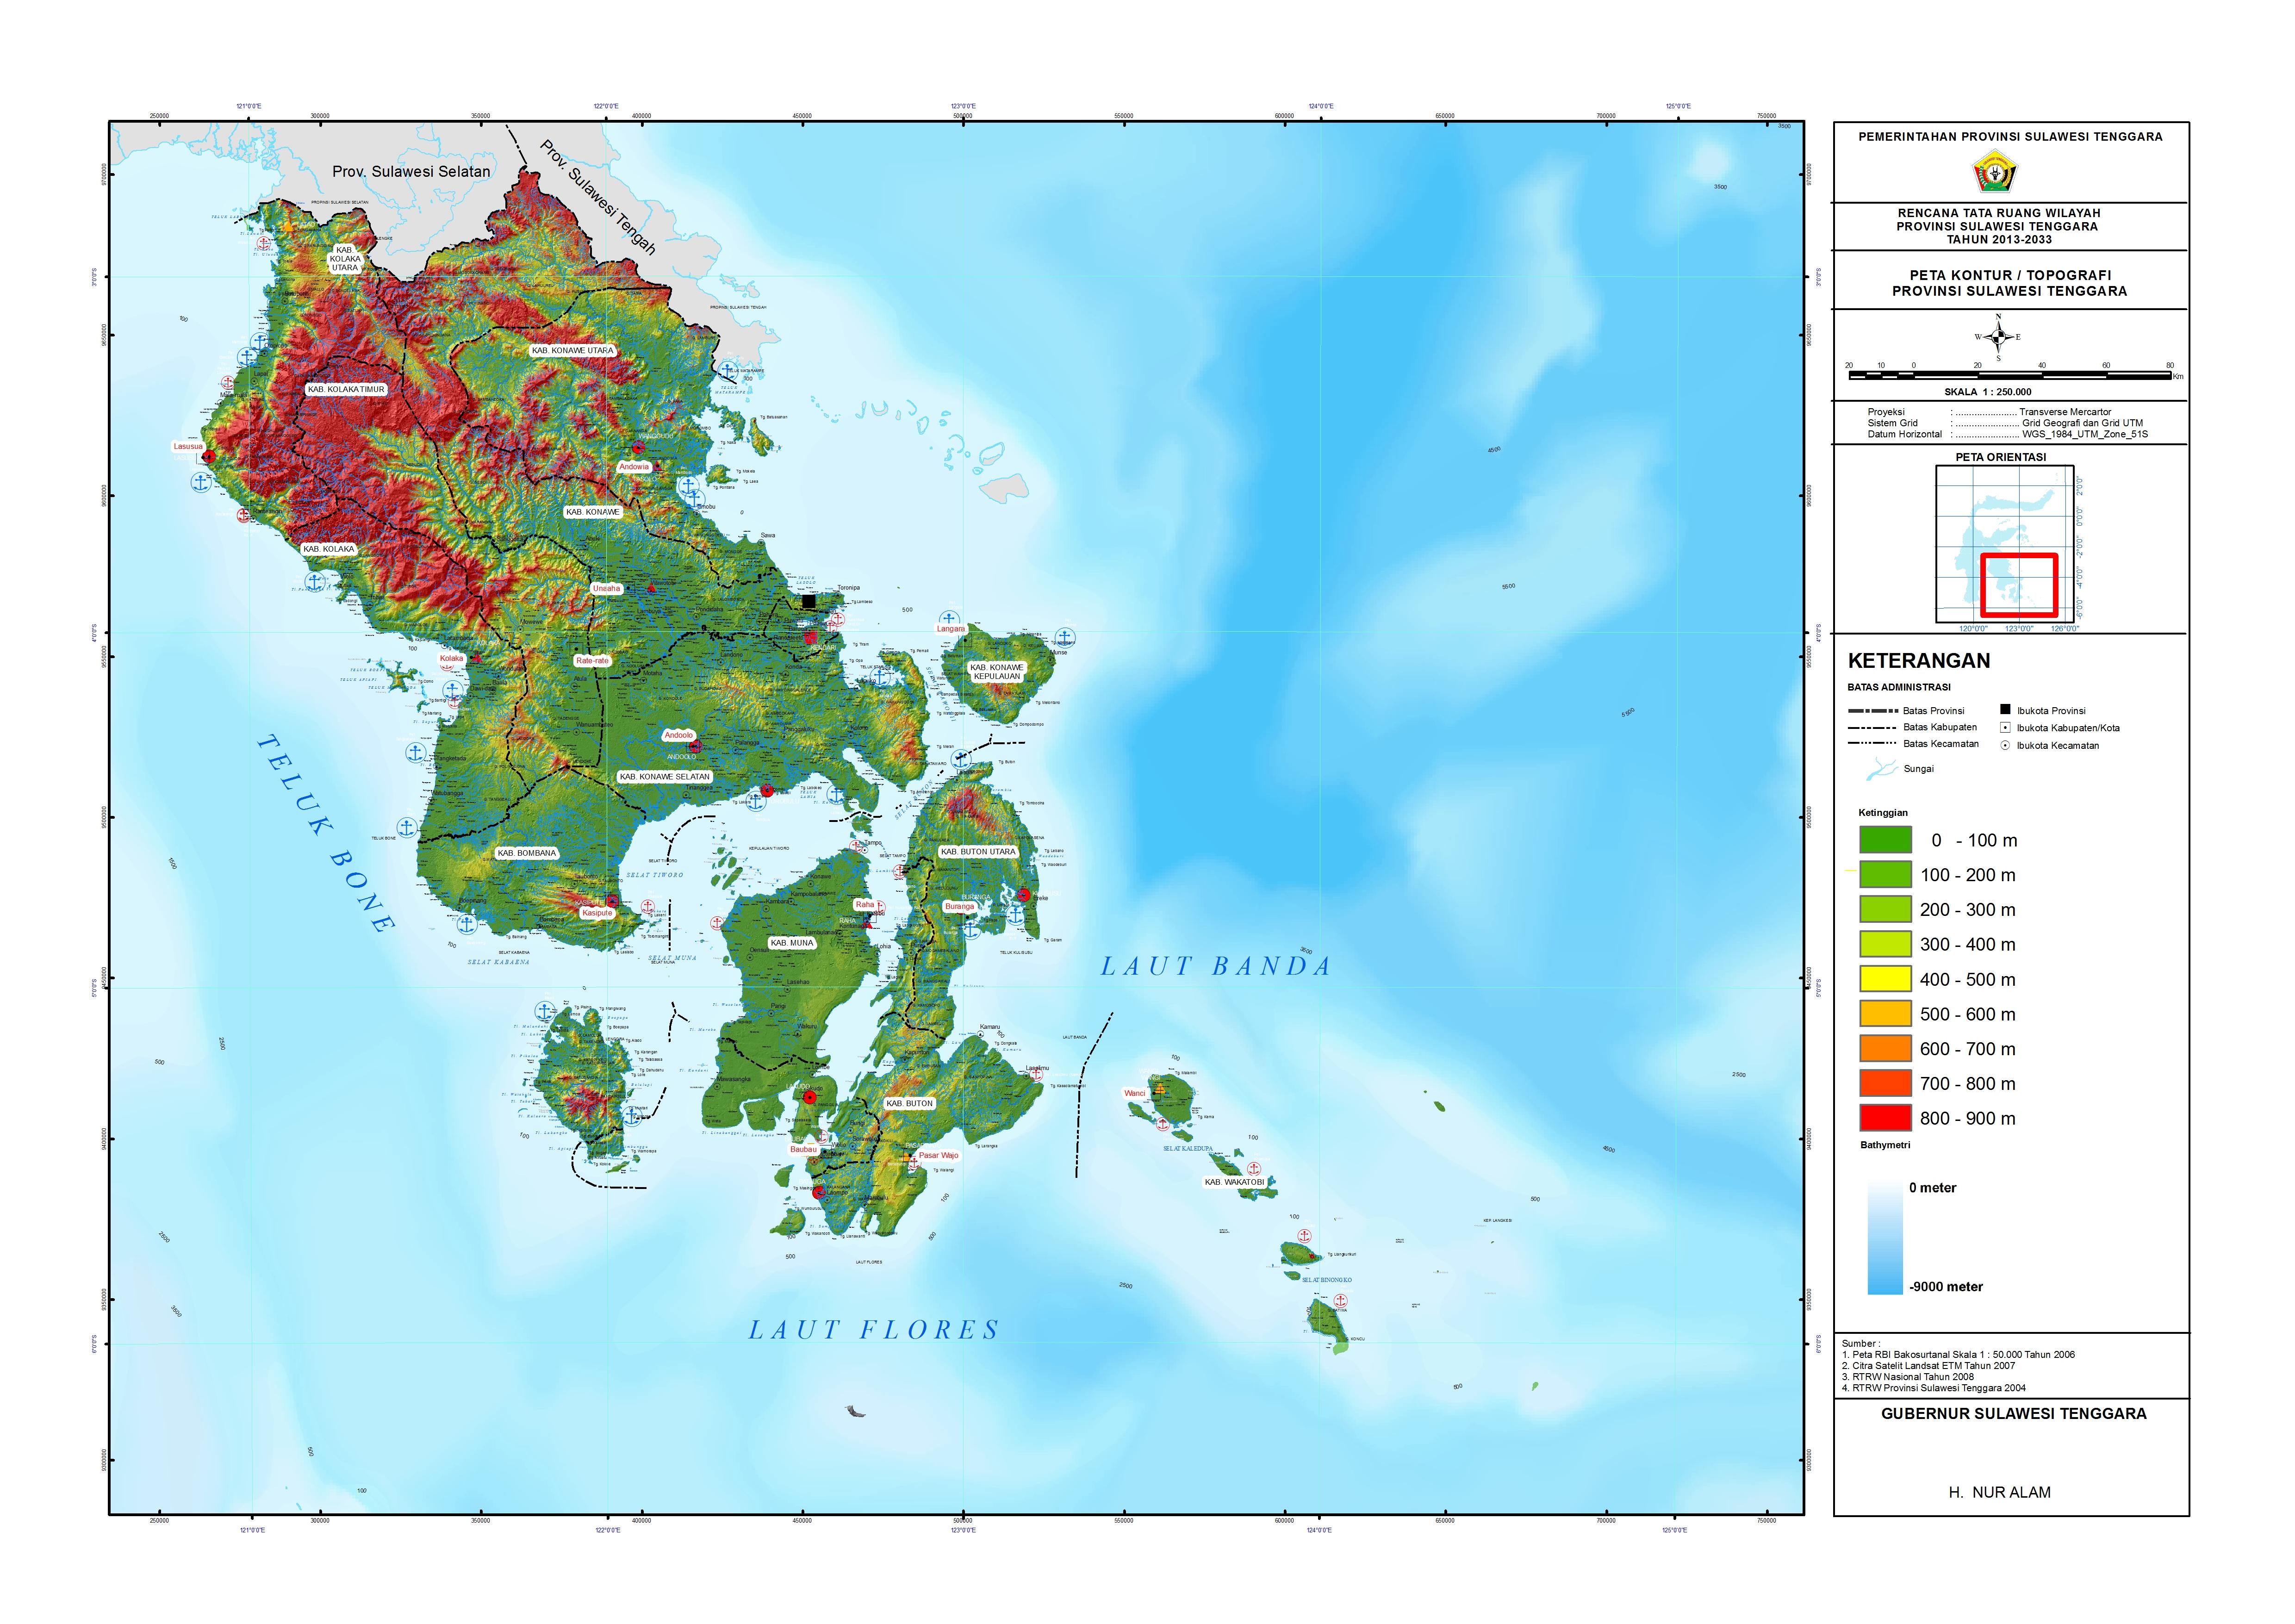 Peta Kontur Topografi  bangwilsultra